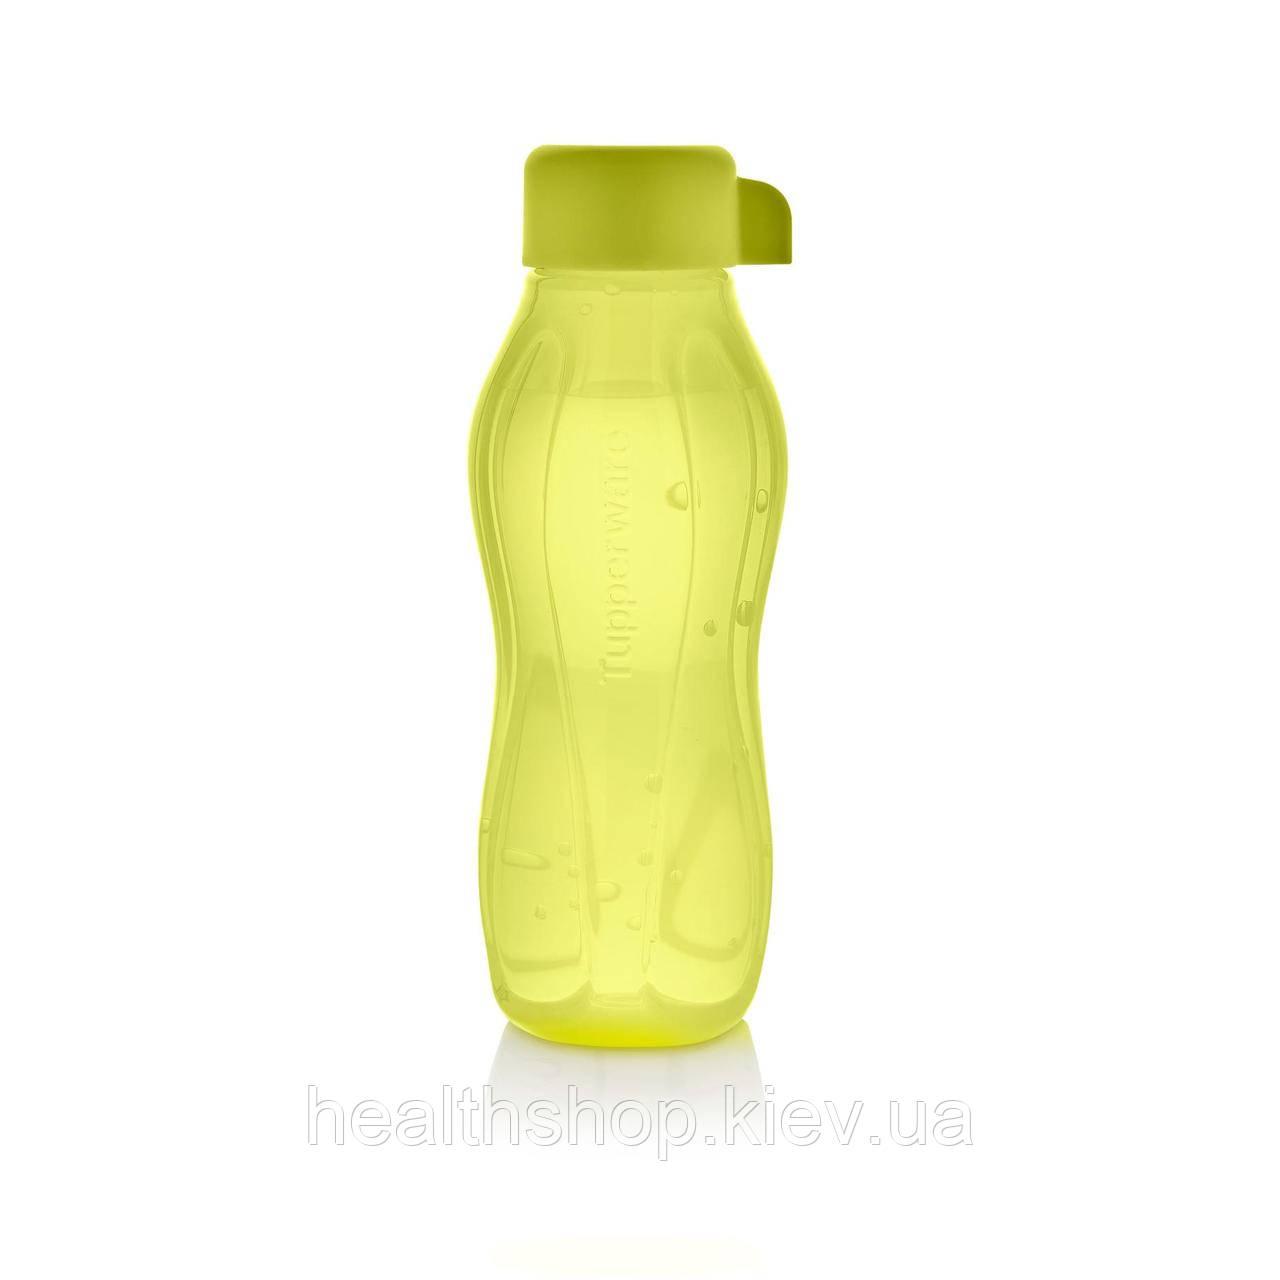 Еко-пляшка 310 мл, багаторазова пляшка для води Tupperware (Оригінал)